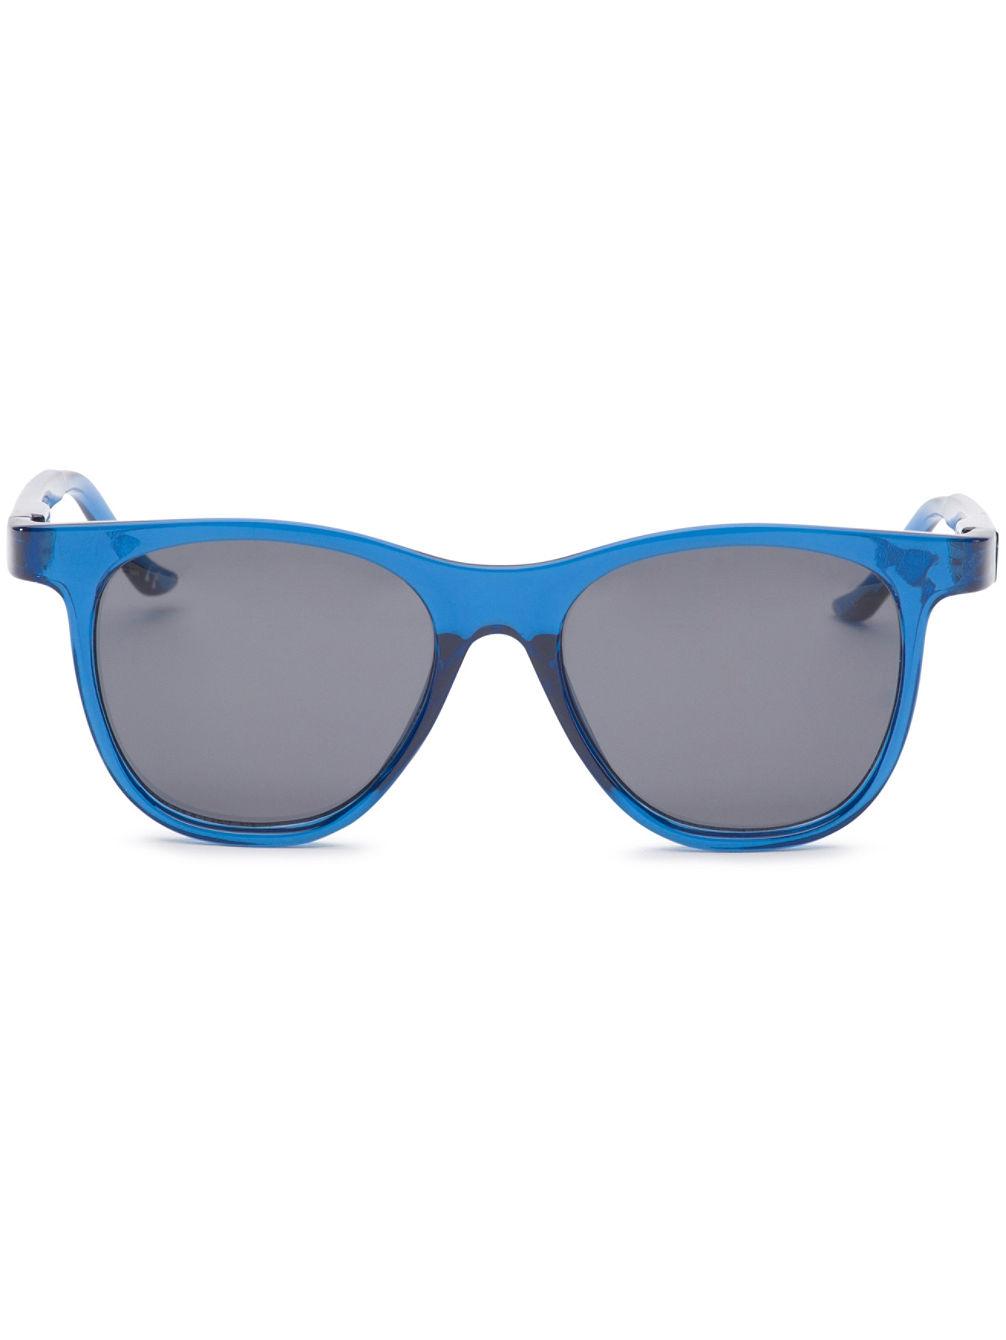 e4a0dde61e3 Vans Elsby Delft online kopen bij Blue Tomato